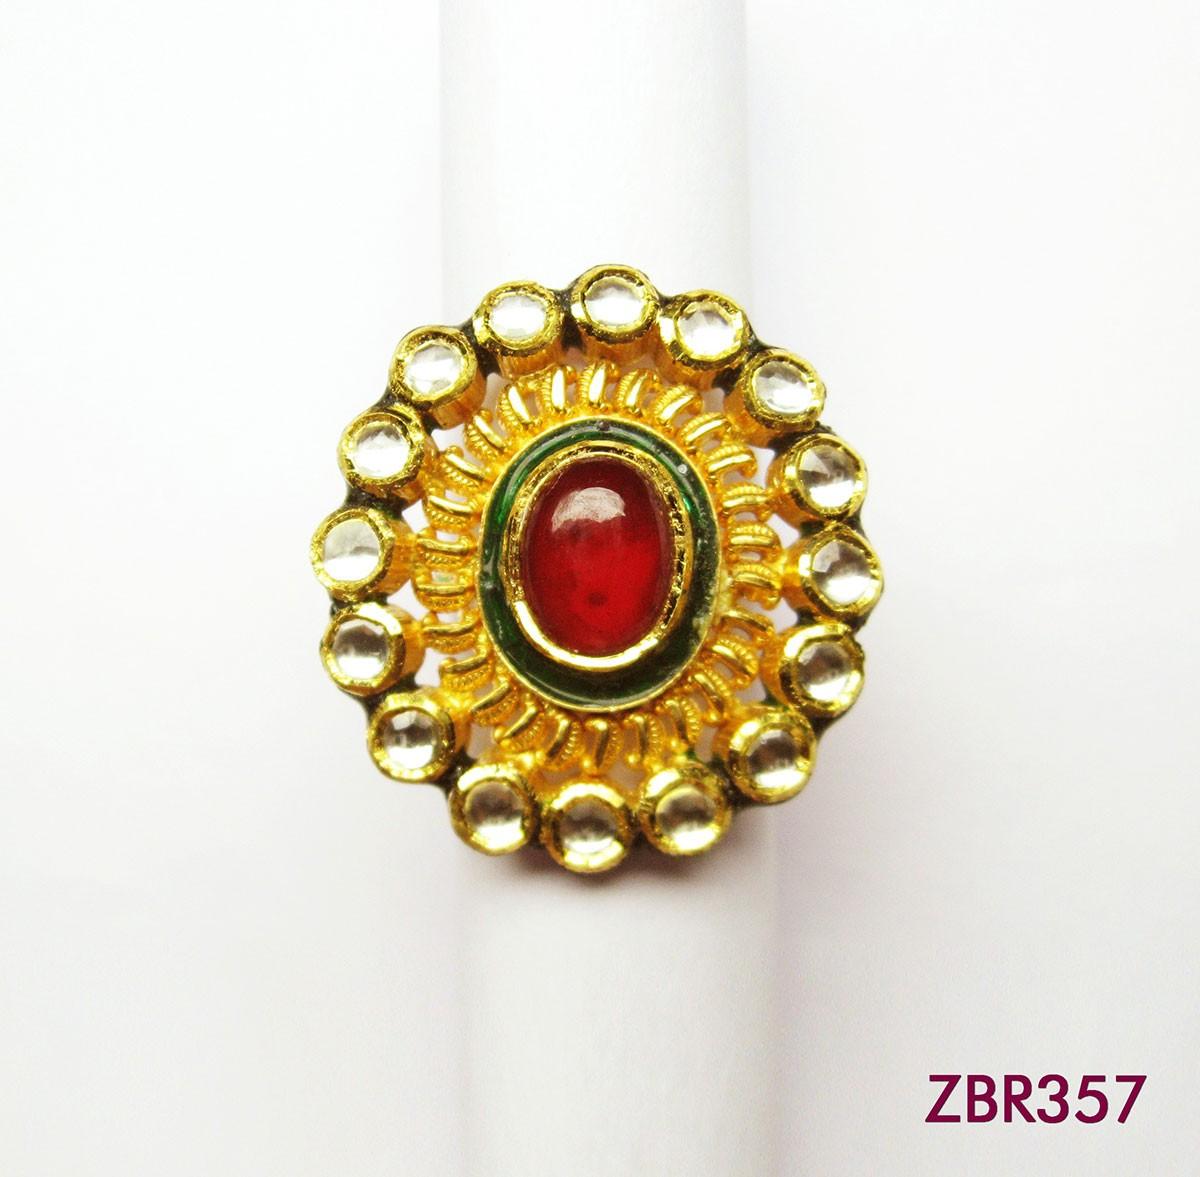 ZBR357